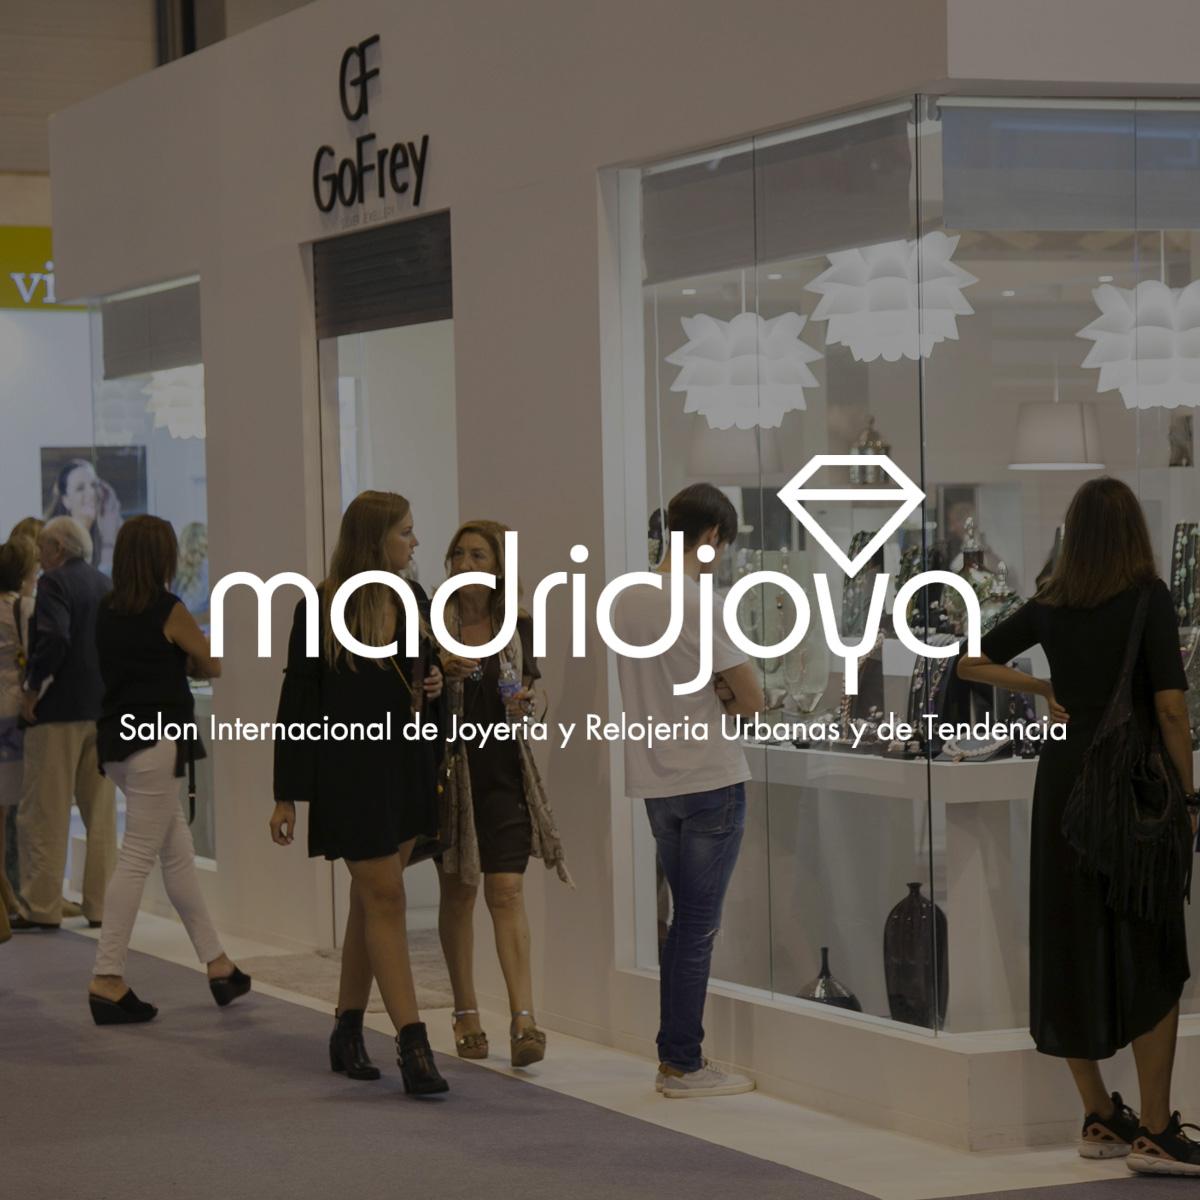 Proyecto Madrid Joya